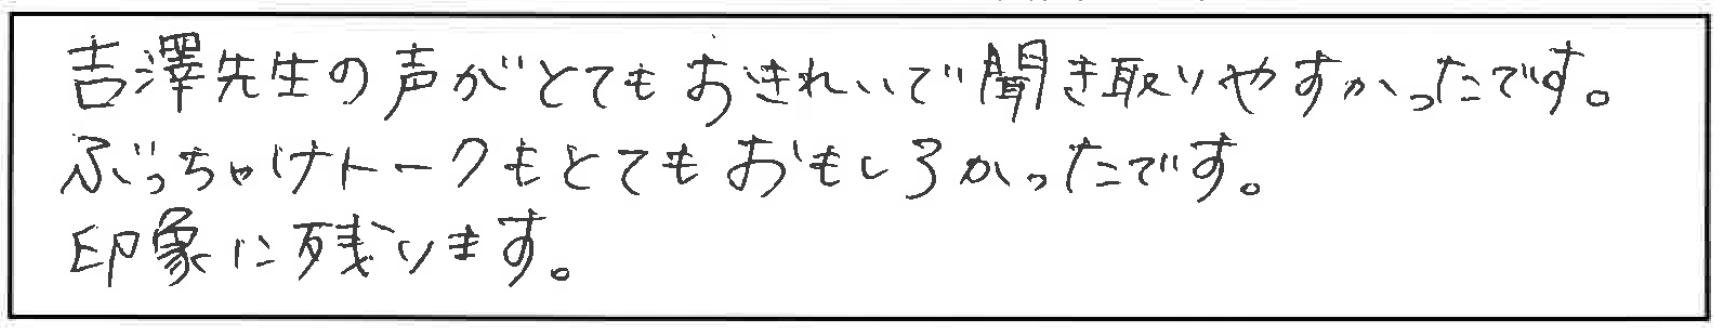 吉澤塾 半年コースの参加者の声画像237